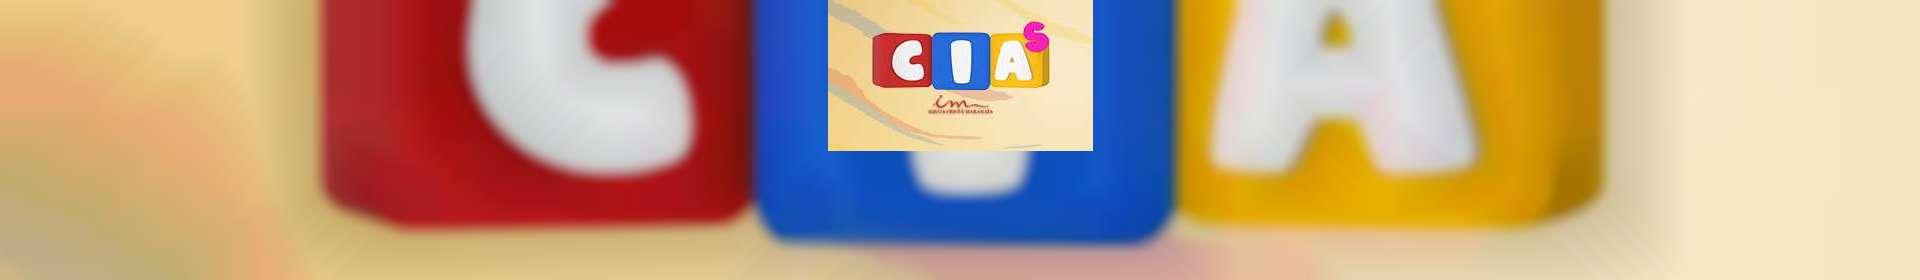 Aula de CIAS: classe de 3 a 7 anos - 17 de setembro de 2020